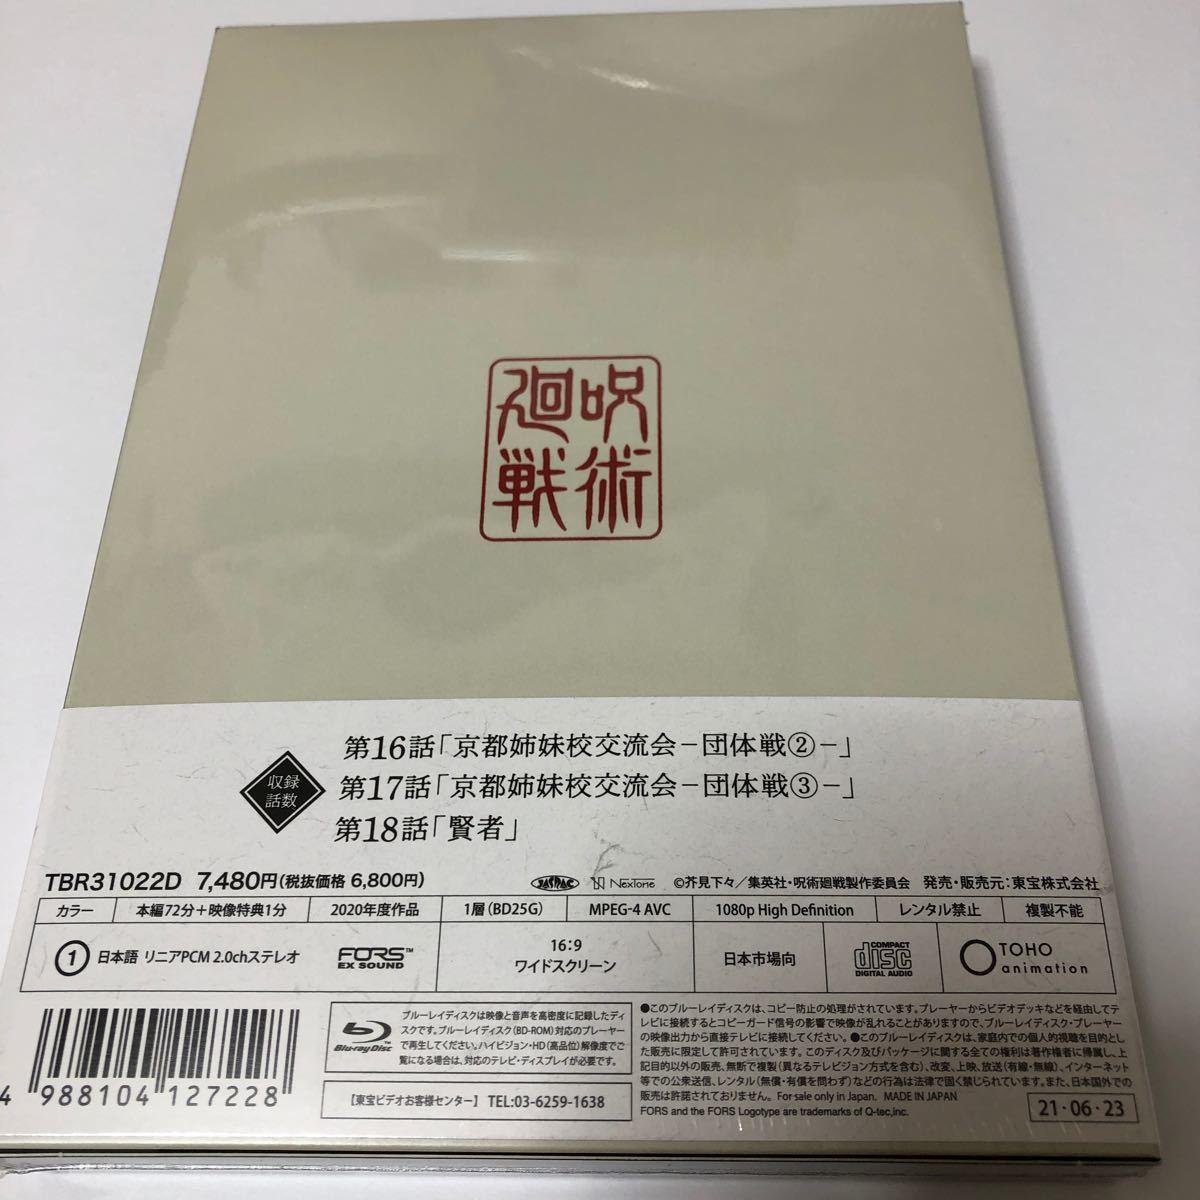 初回生産限定版 『呪術廻戦』Vol.6  Blu-ray+ドラマCD ★未開封★おまけ付